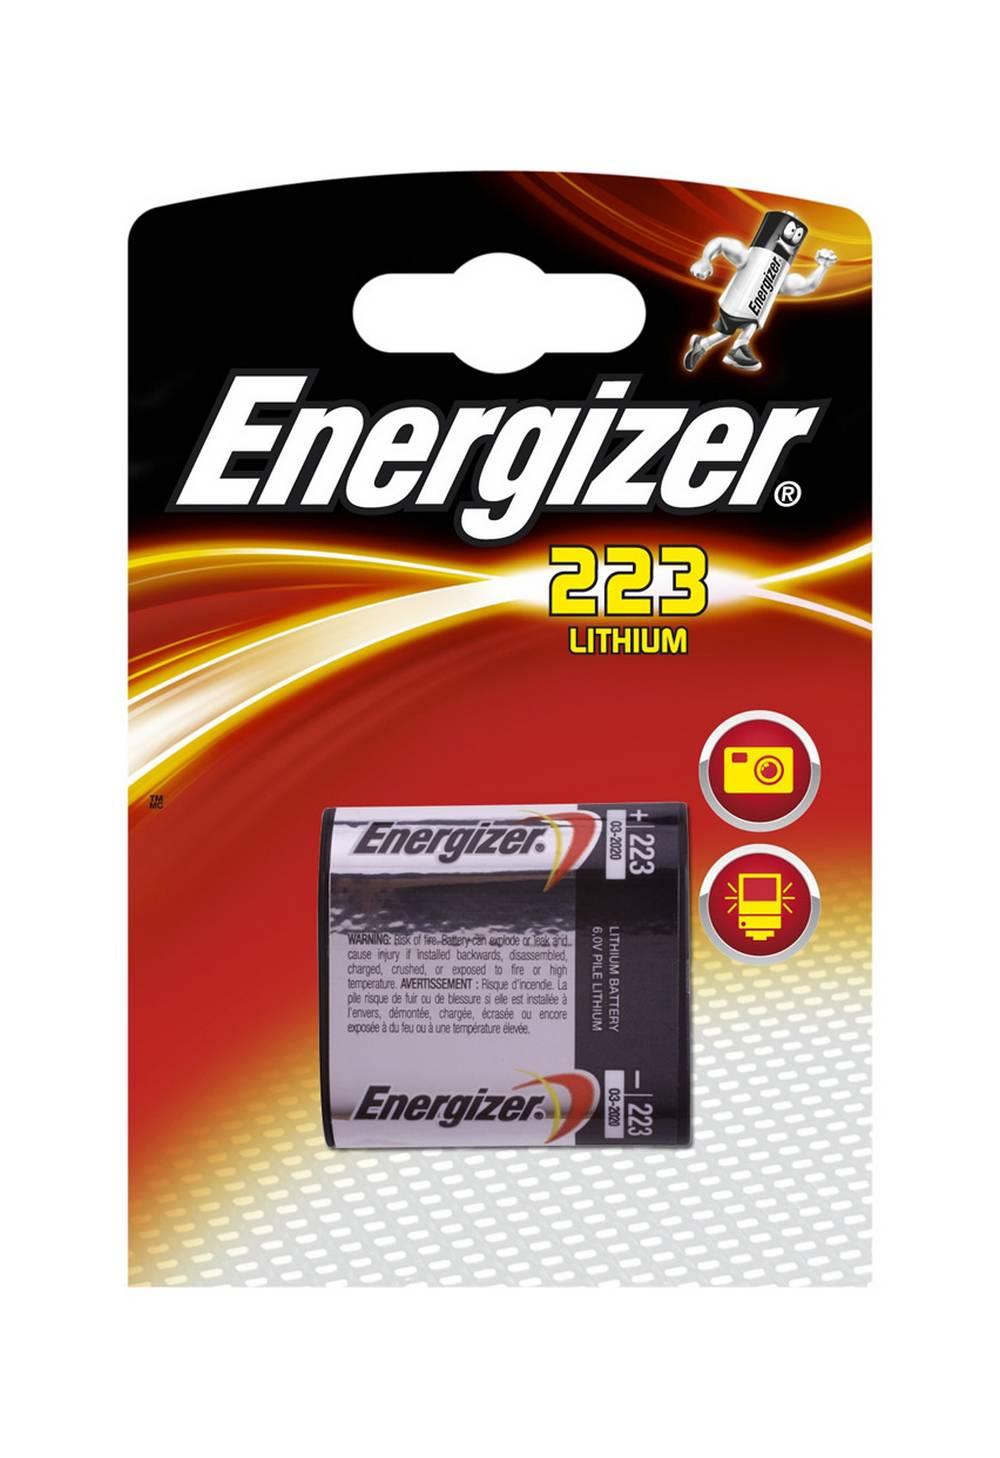 Μπαταρία Lithium Energizer 223 6V Τεμ. 1